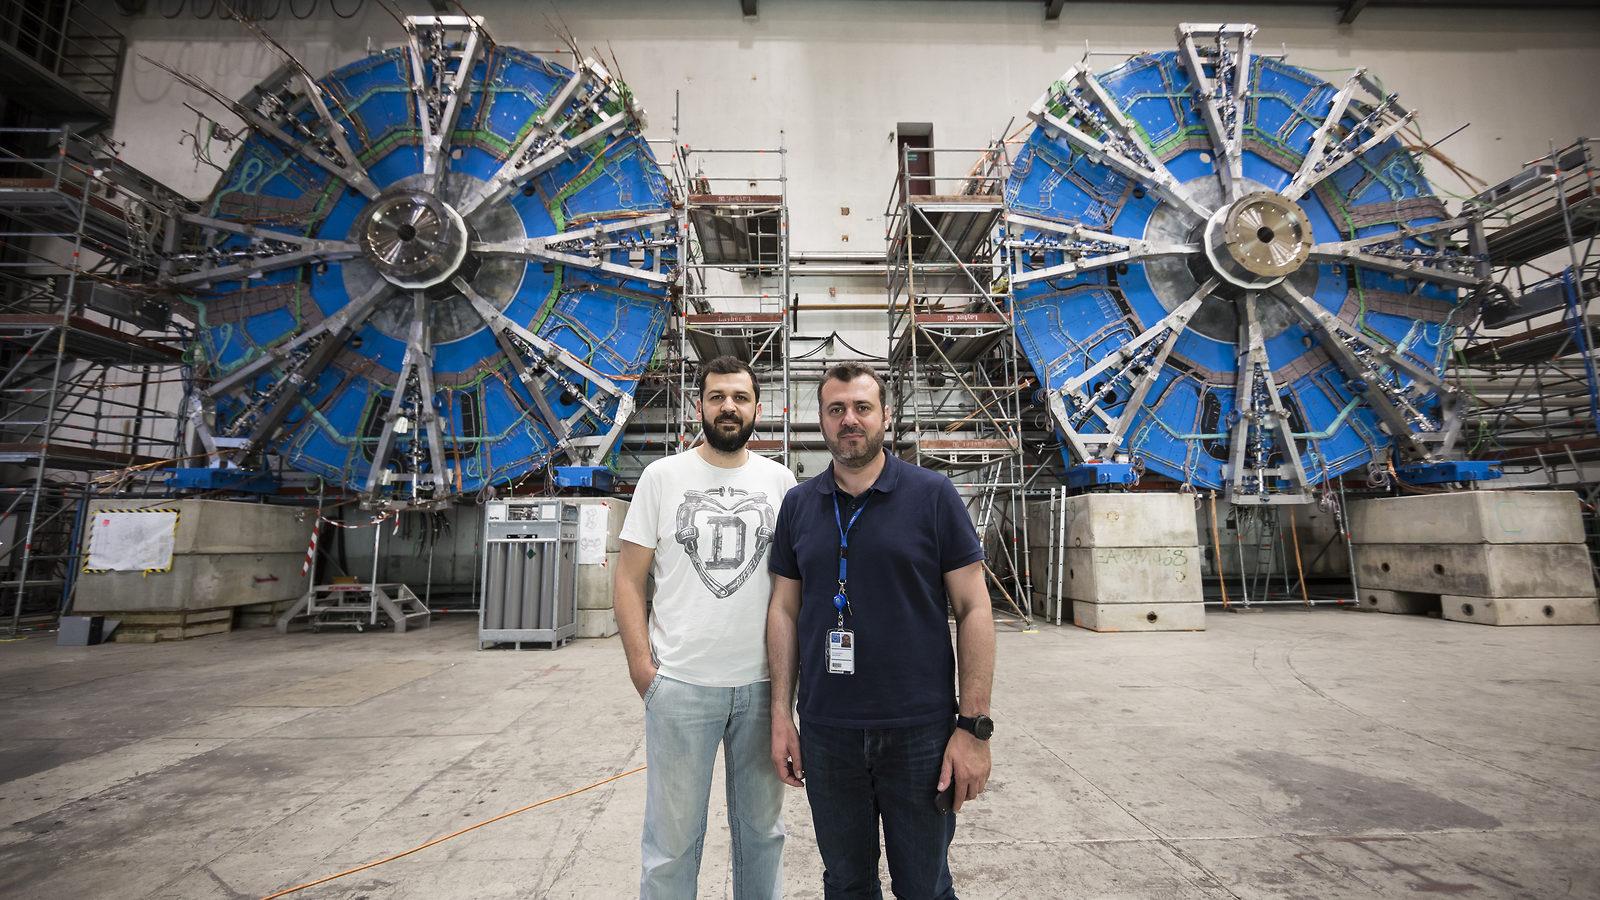 Konstantinos and George at CERN